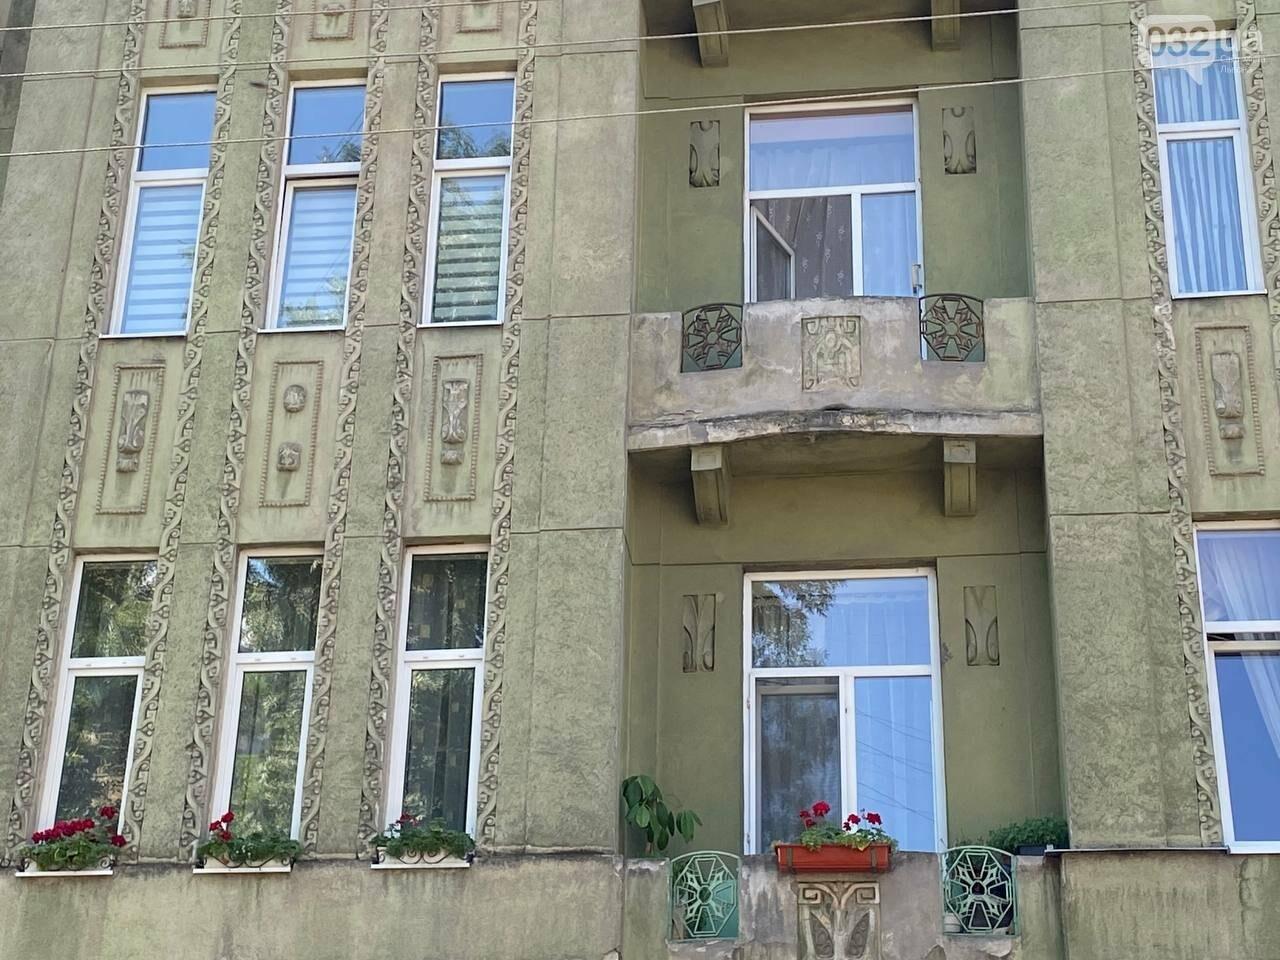 Кам'яниця Нахтів на Левицького, 22, Фото: 032.ua